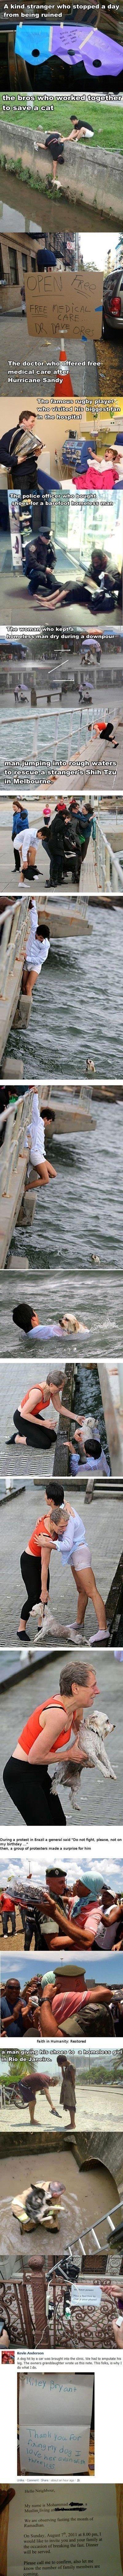 faith in humanity<3